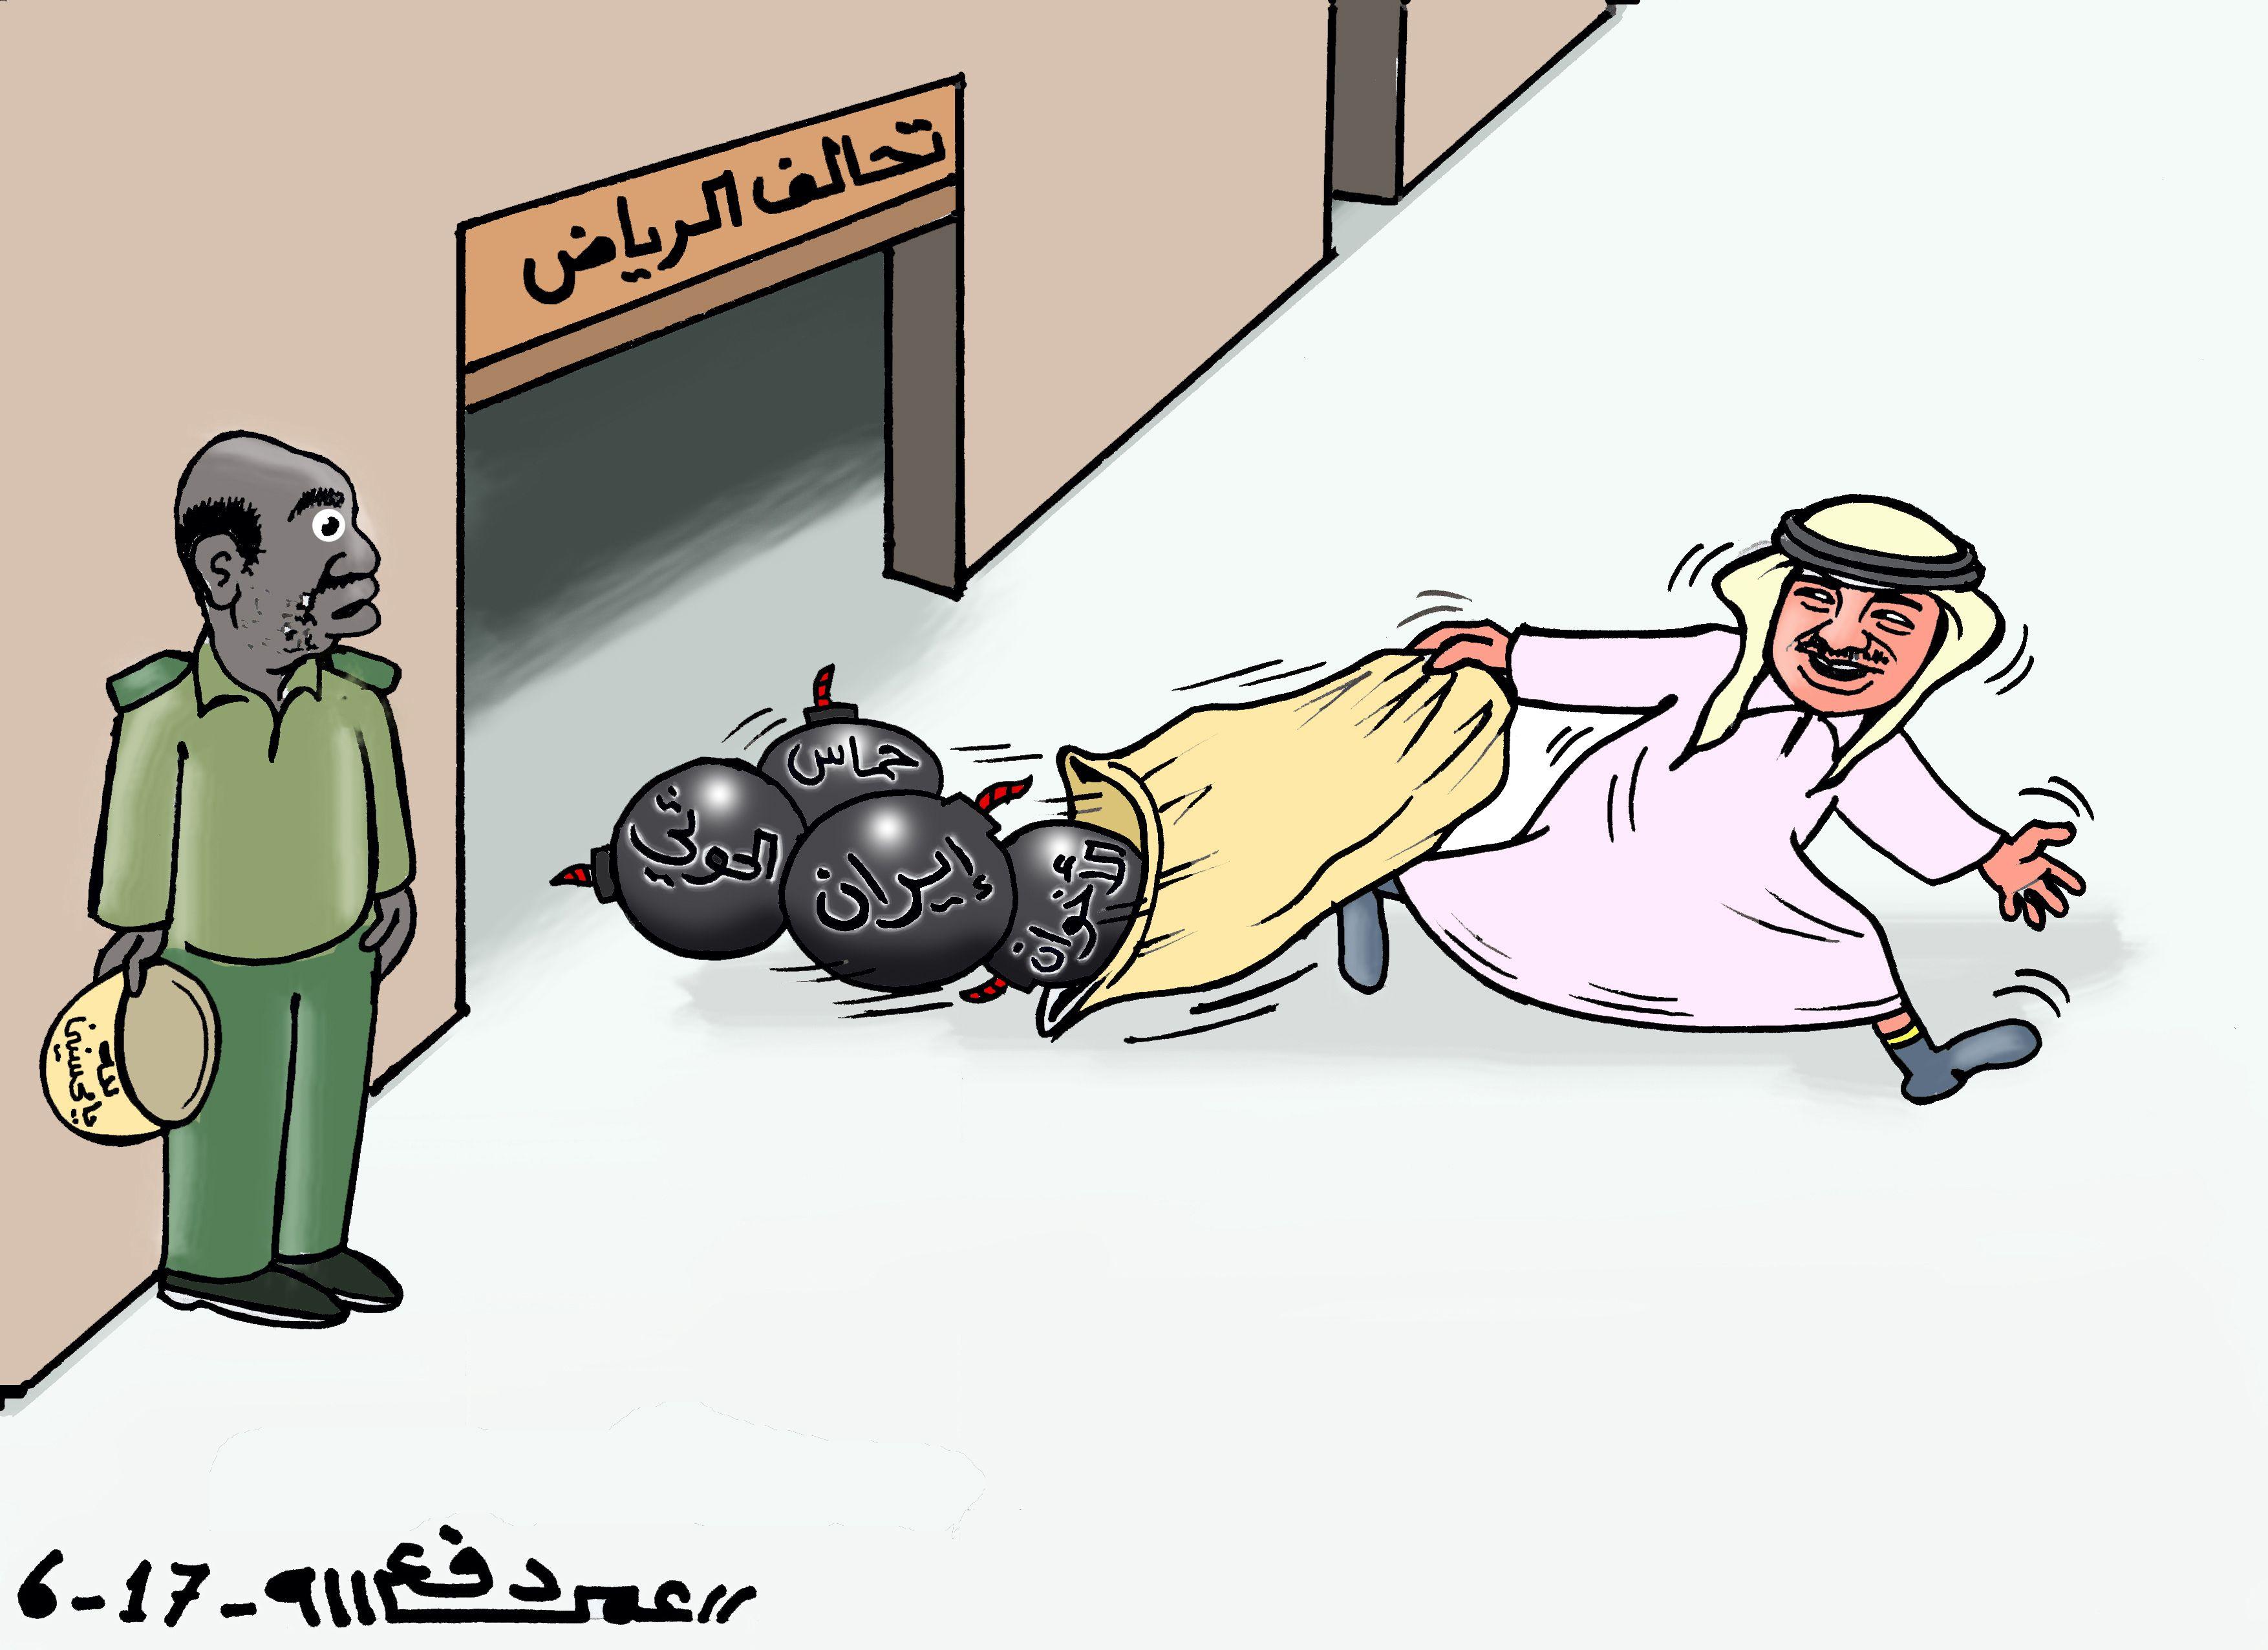 كاركاتير اليوم الموافق 05 يونيو 2017 للفنان عمر دفع الله عن السودان و الخلاف الخليجي